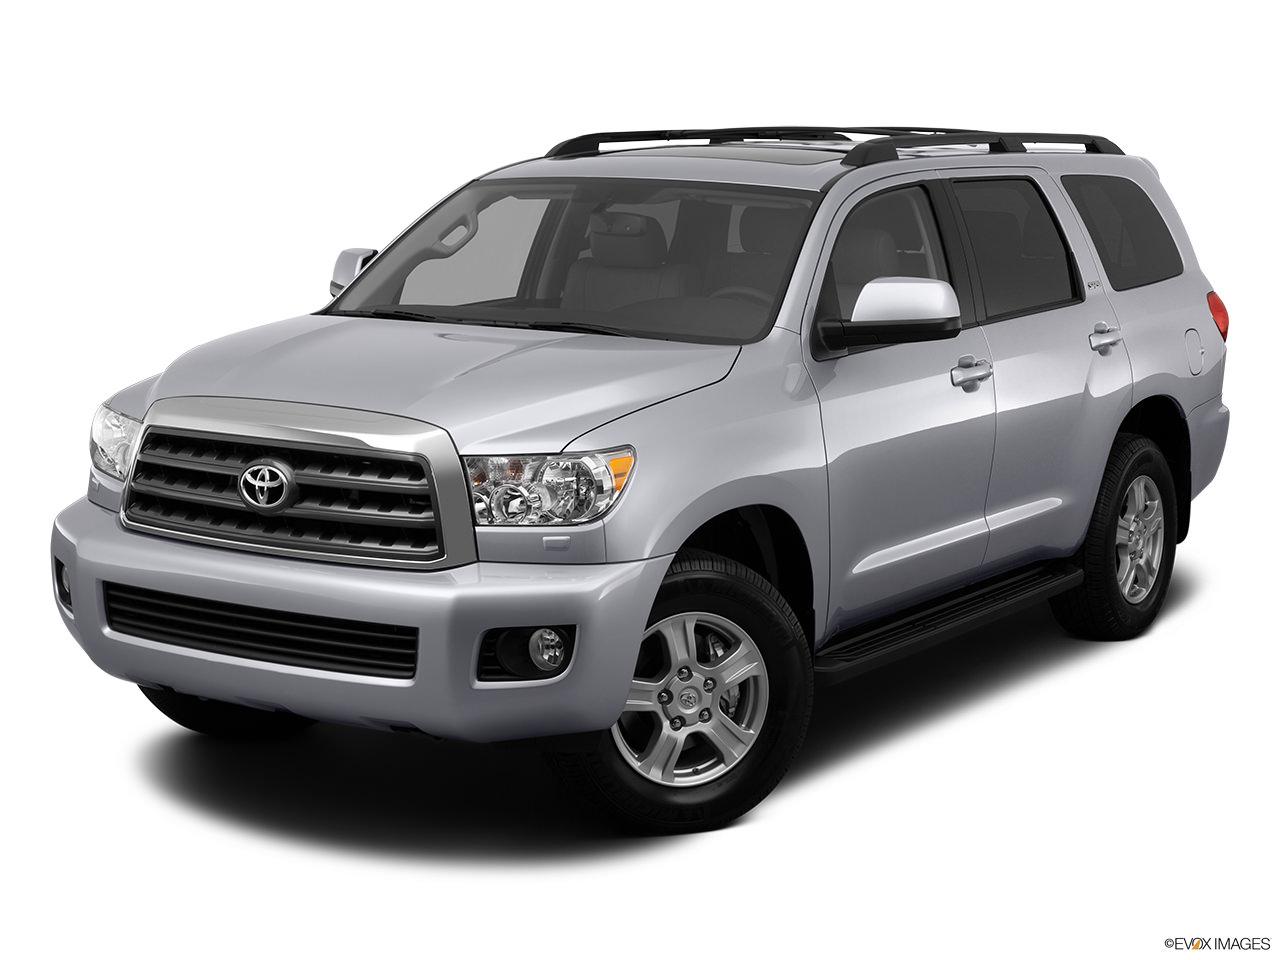 Toyota Sequoia 2012